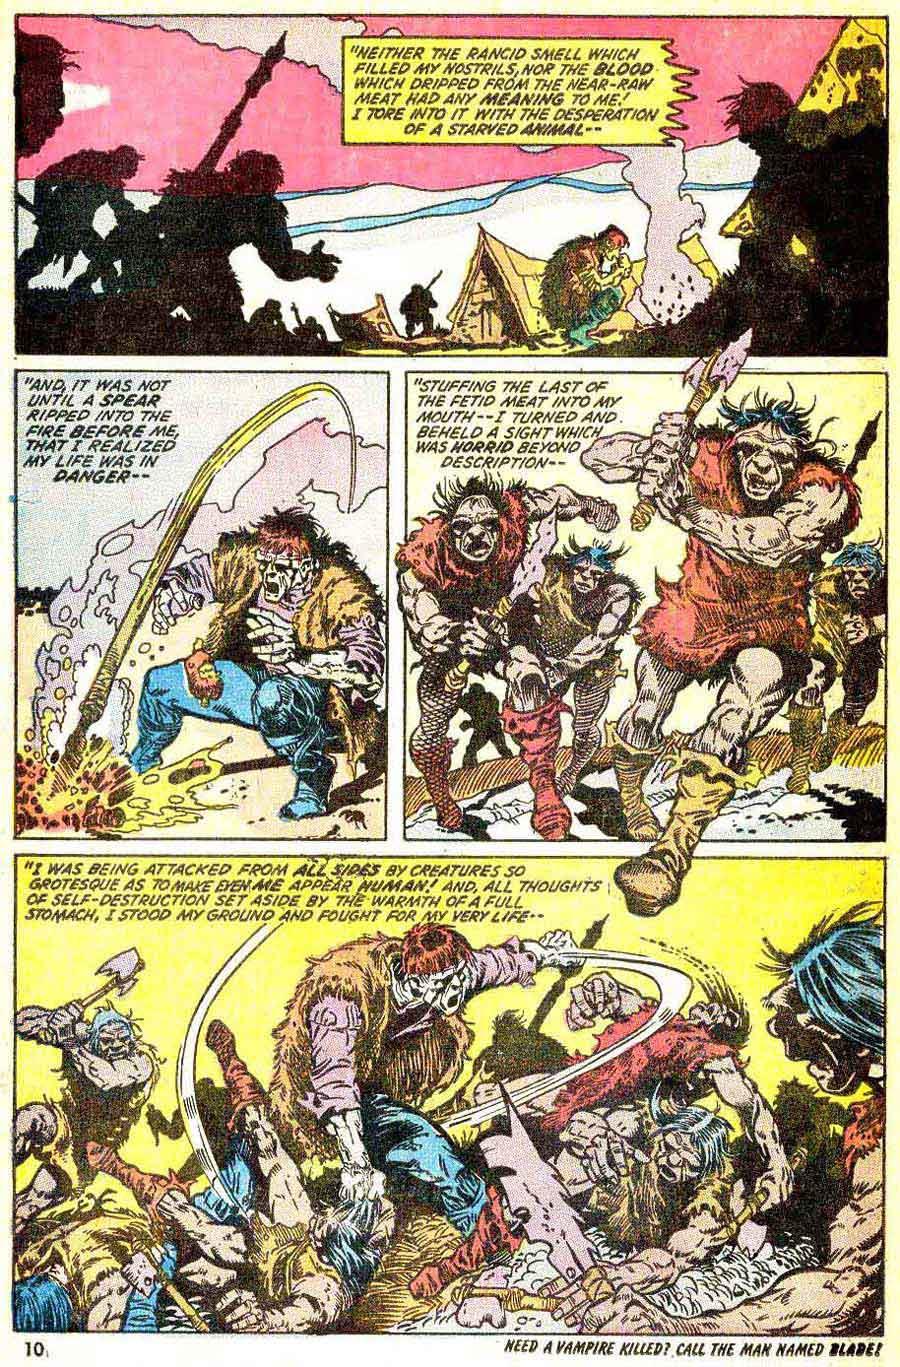 Frankenstein v2 #4 marvel comic book page art by Mike Ploog